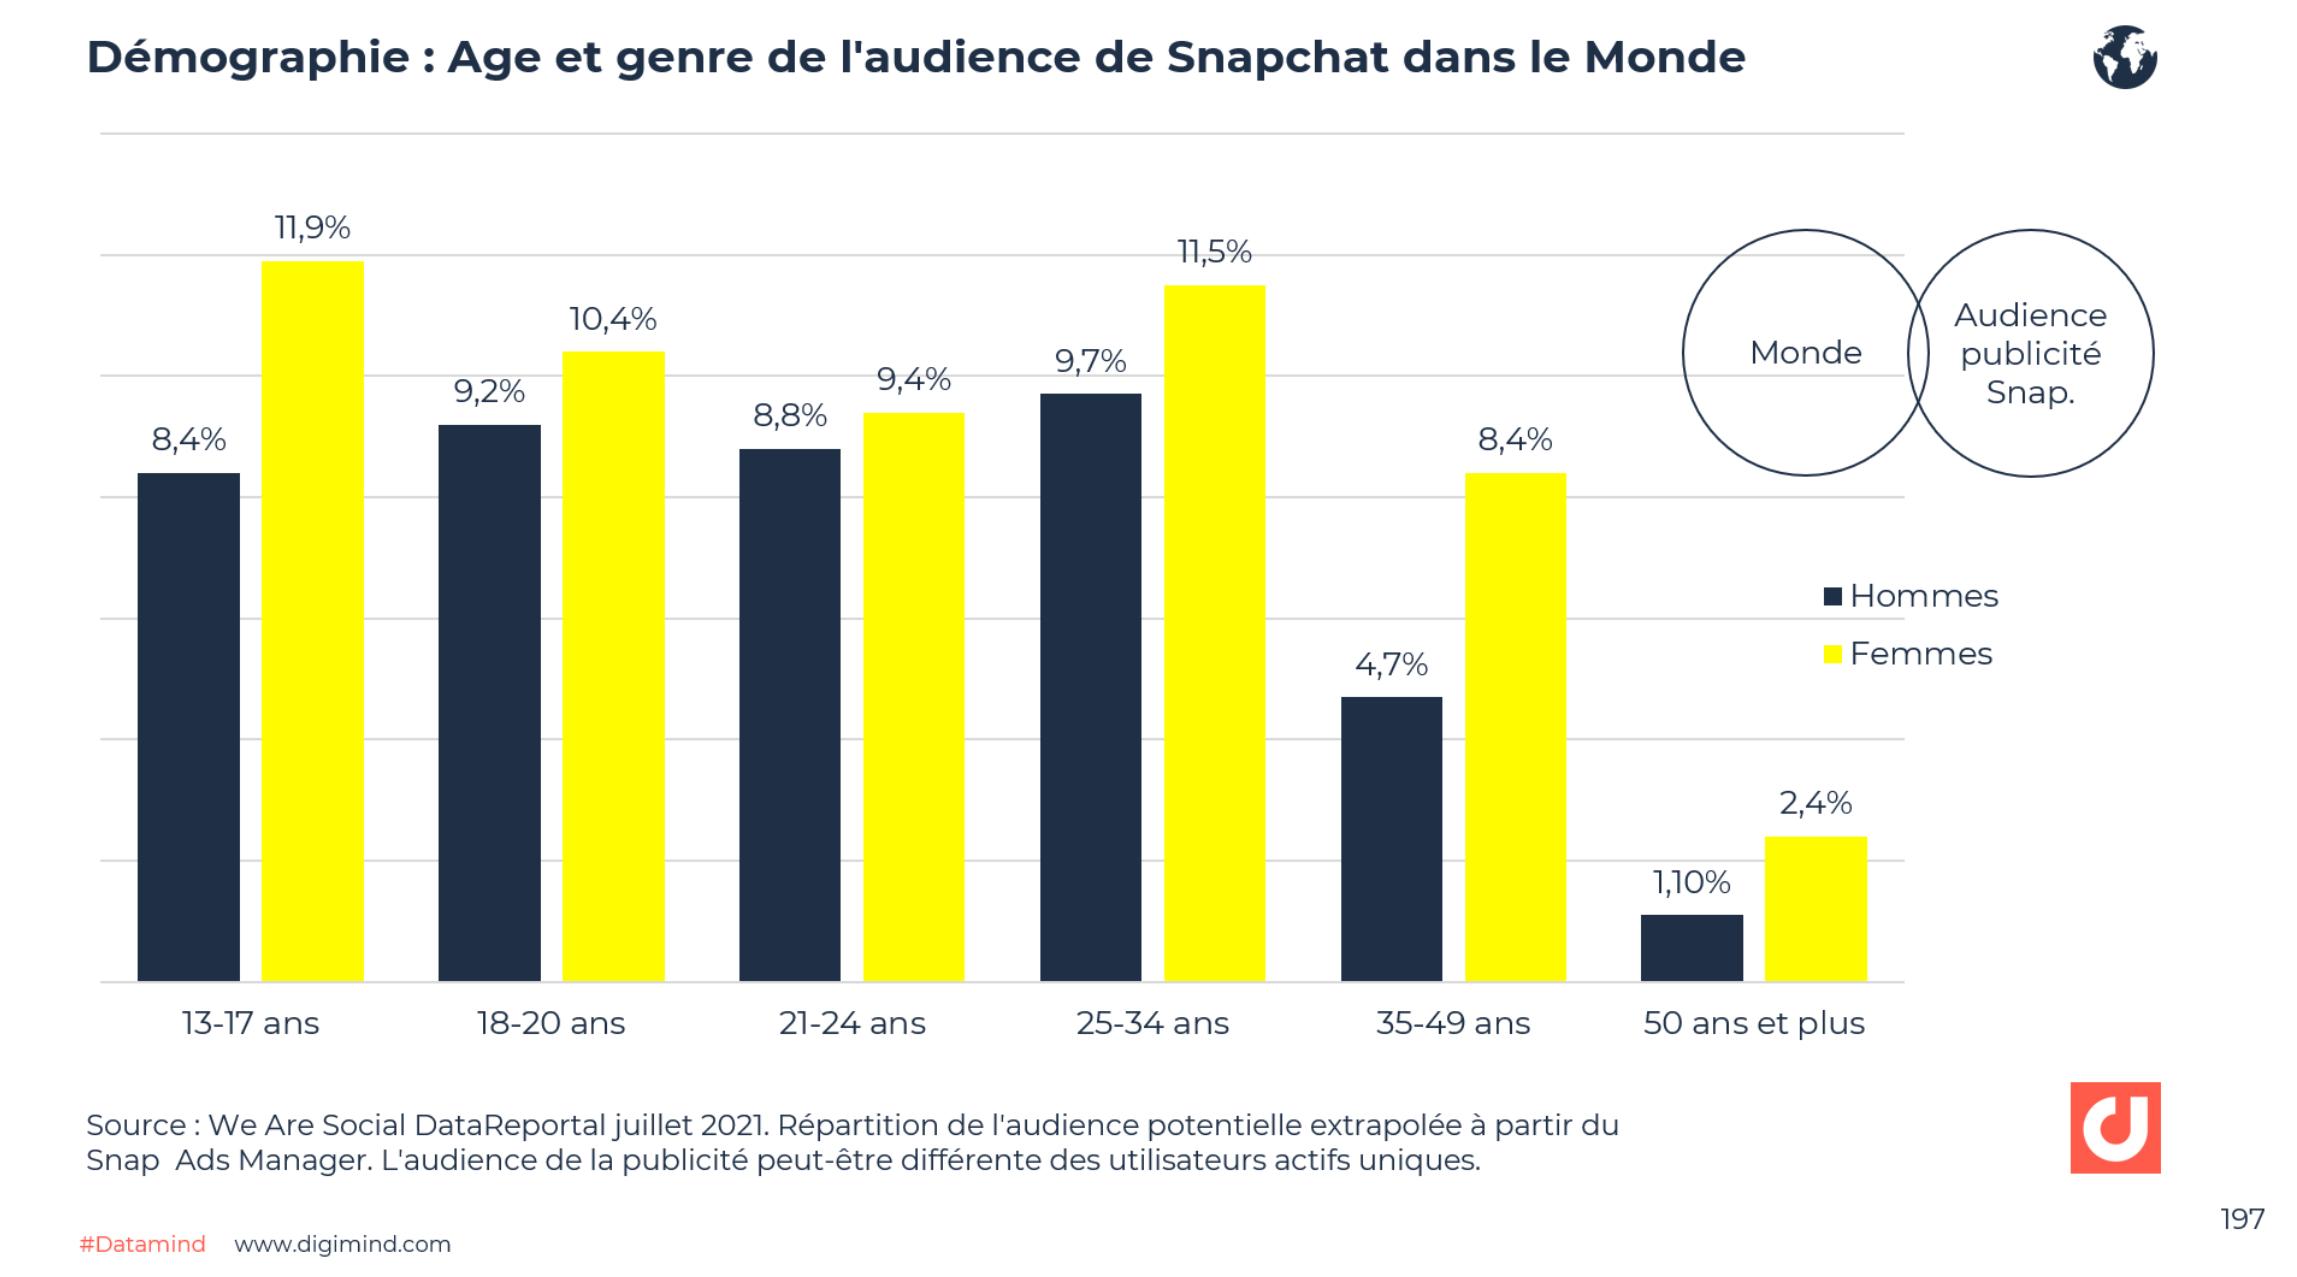 Age et genre des utilisateurs de Snapchat dans le Monde